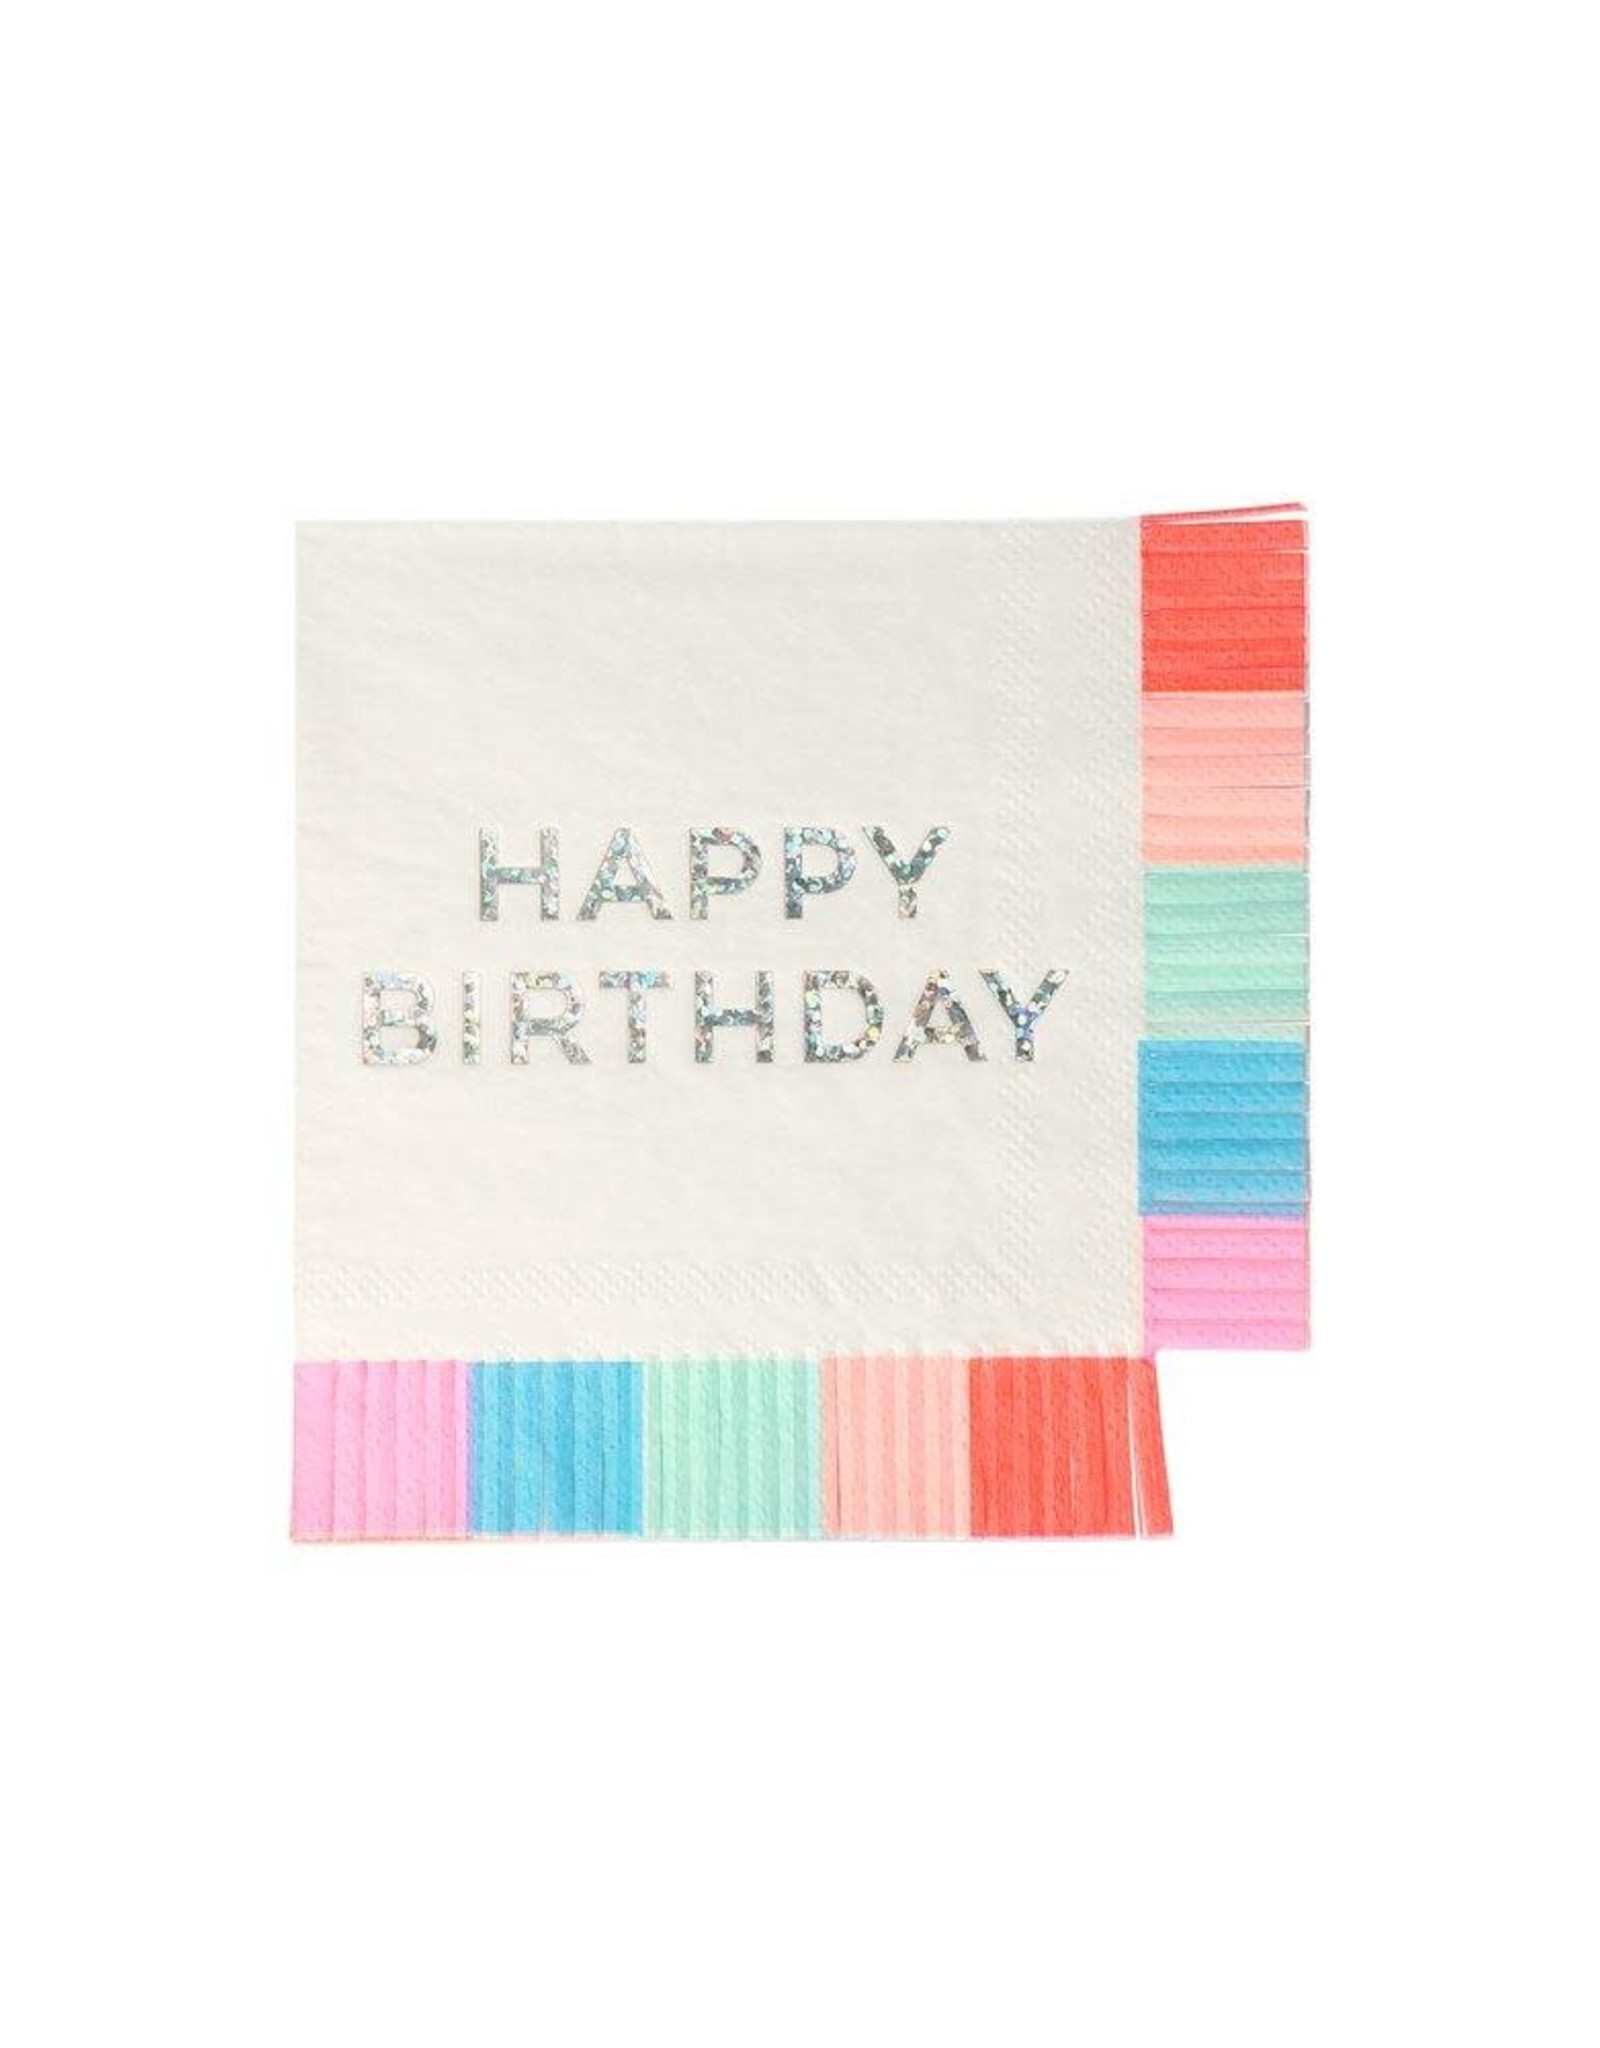 Meri Meri birthday fringe napkins